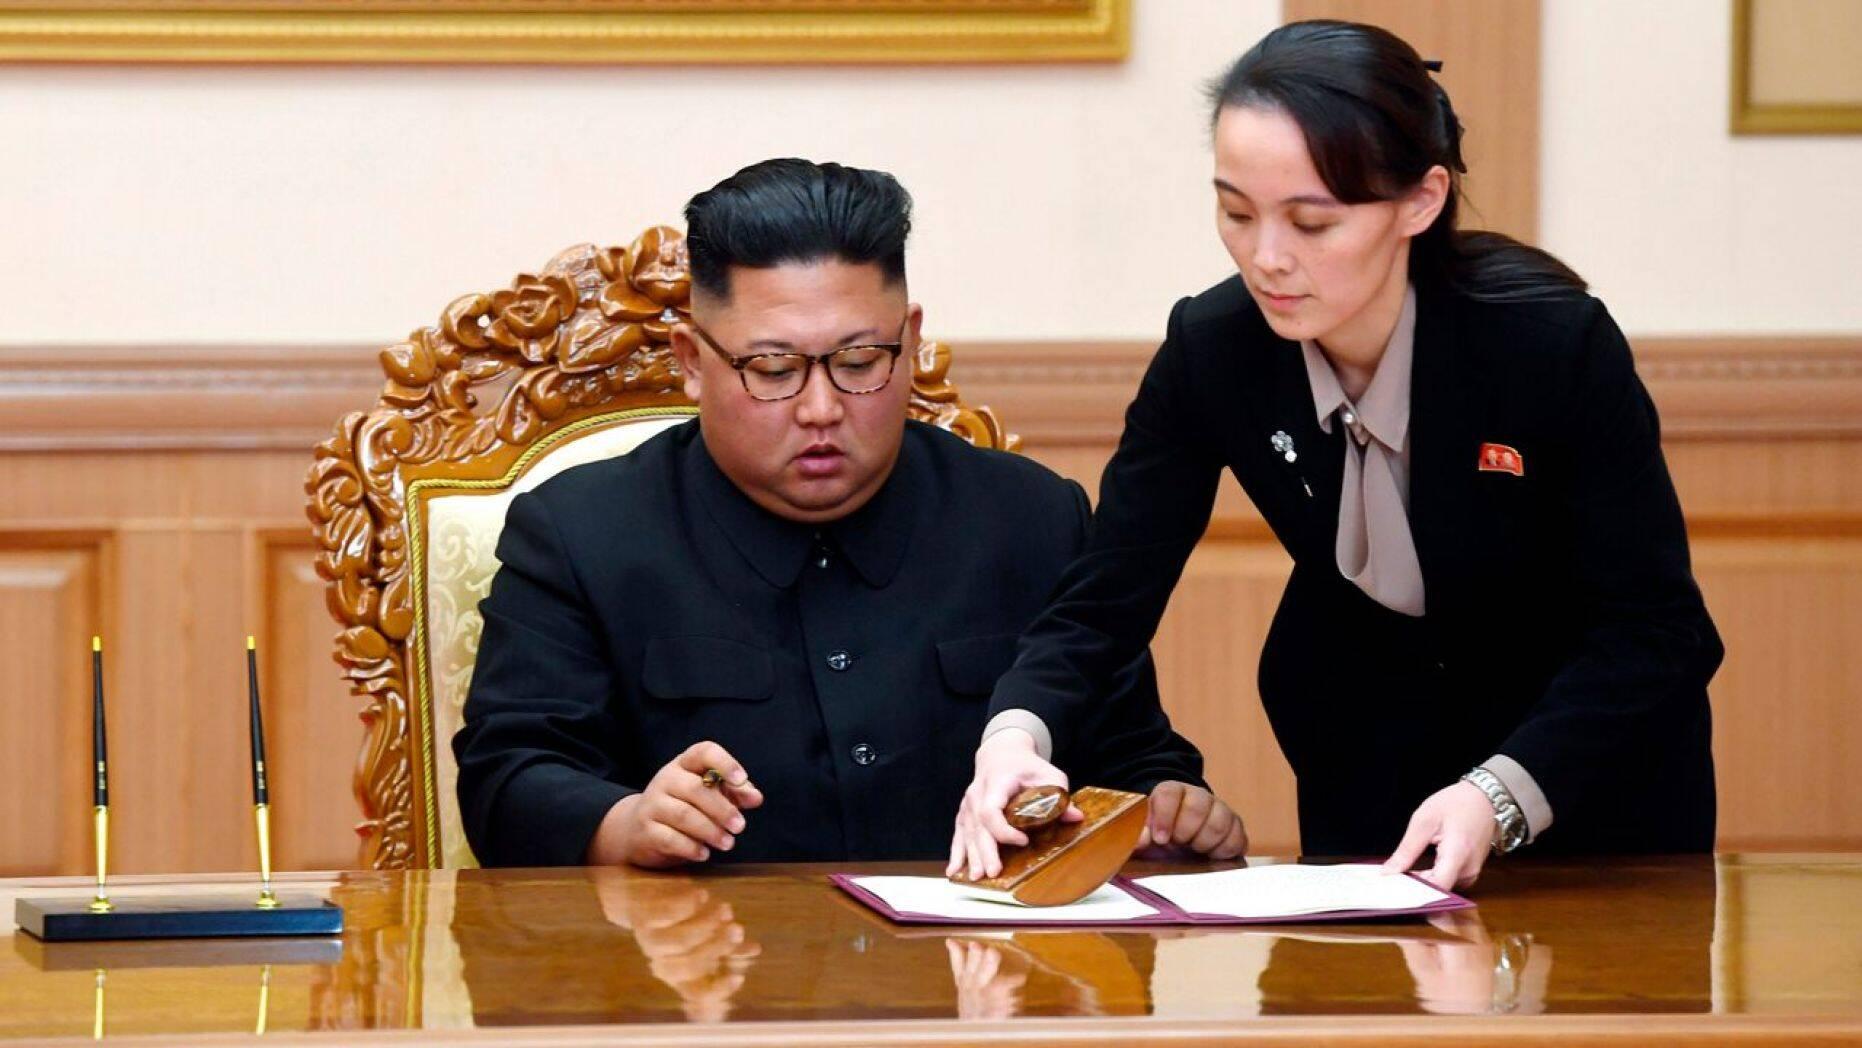 Kim Jong Un and his sister, Kim Yo Jong